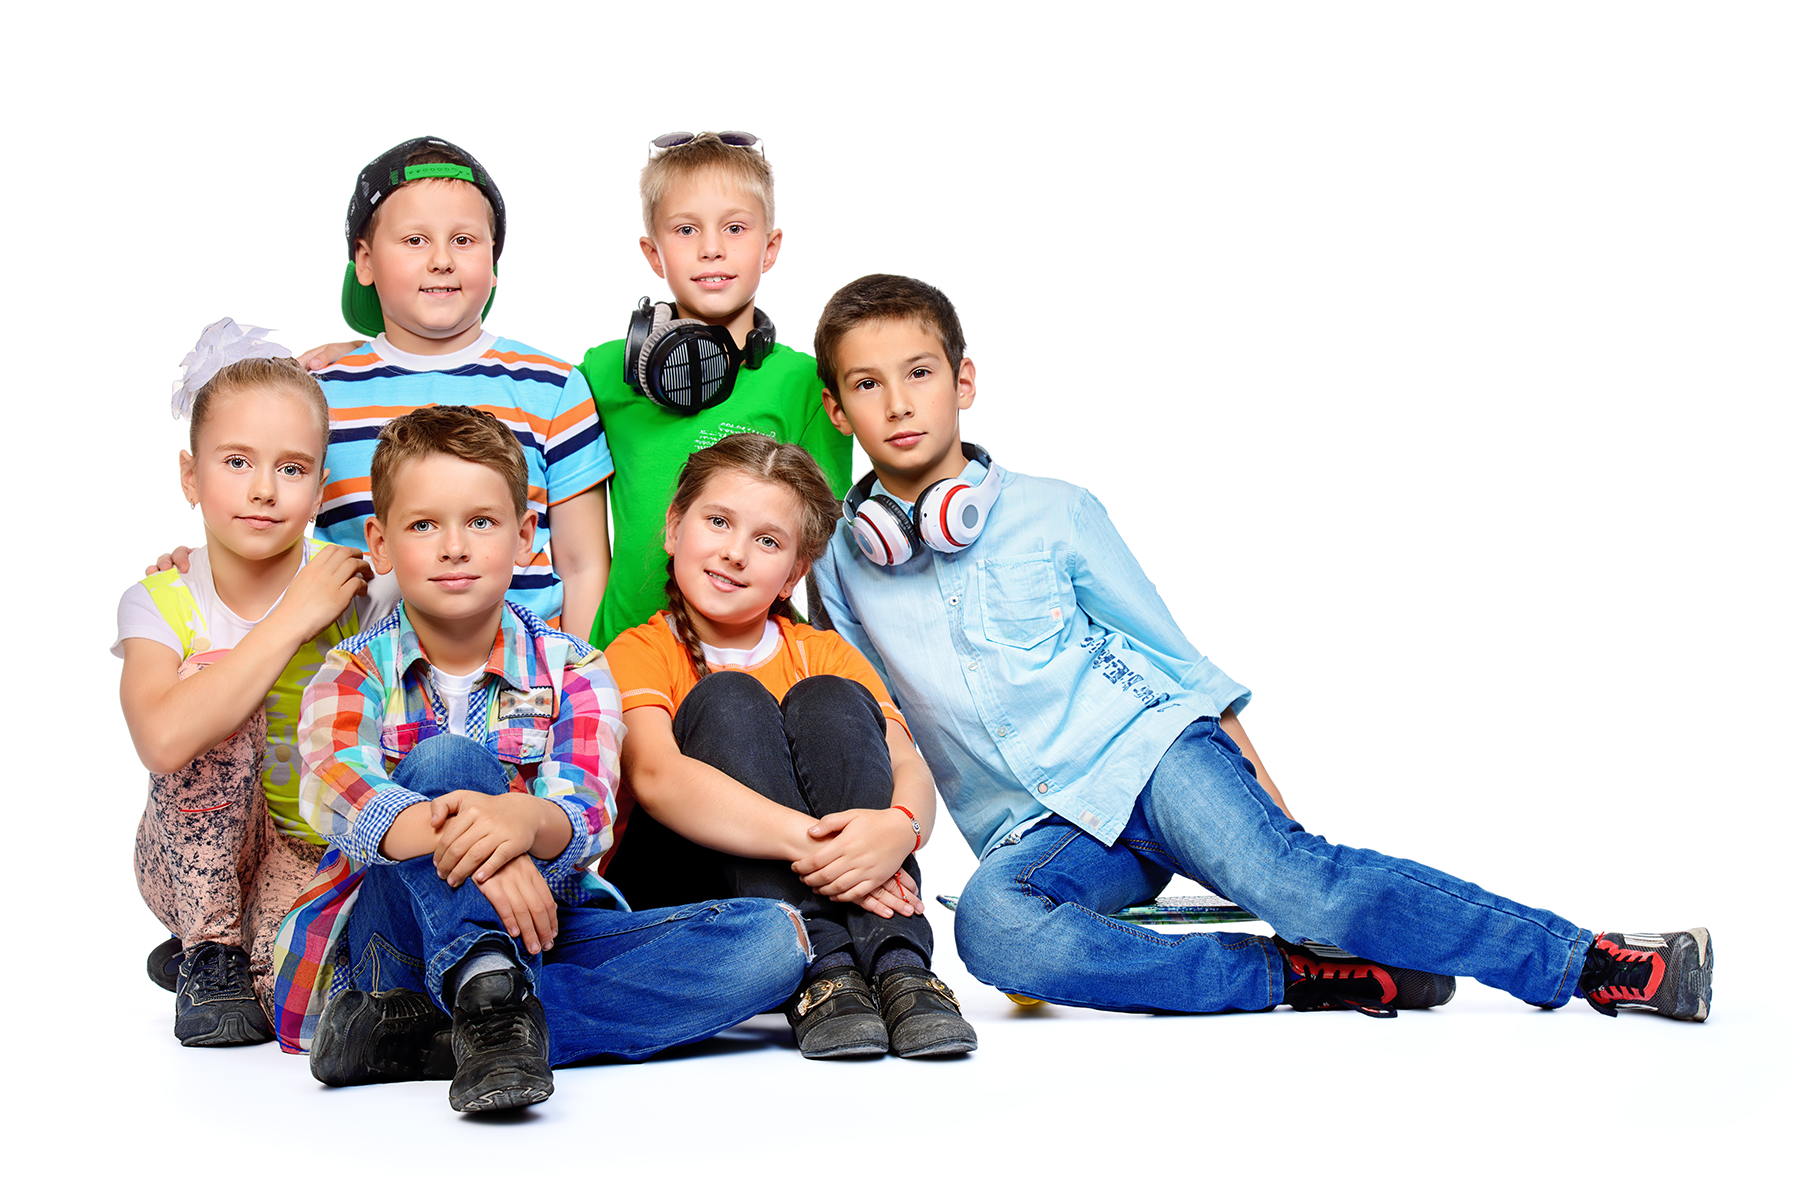 6friendscopy